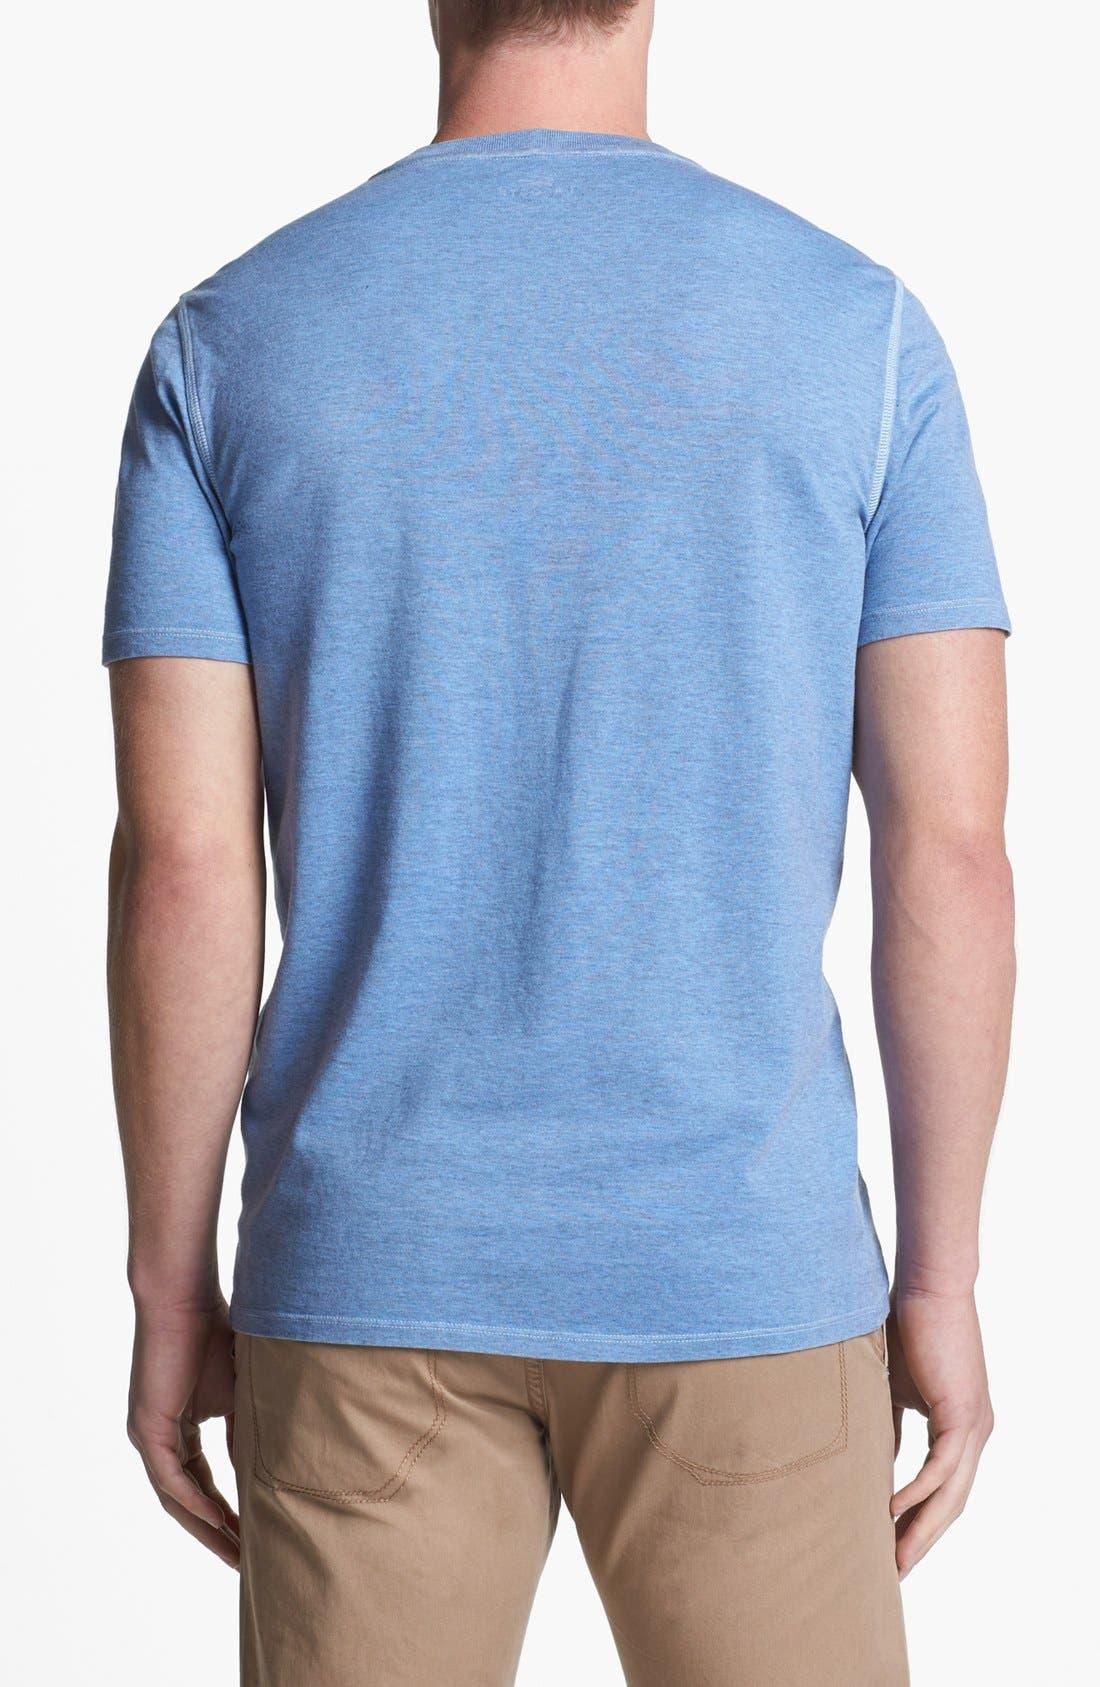 Alternate Image 2  - Lacoste Vintage Wash V-Neck T-Shirt